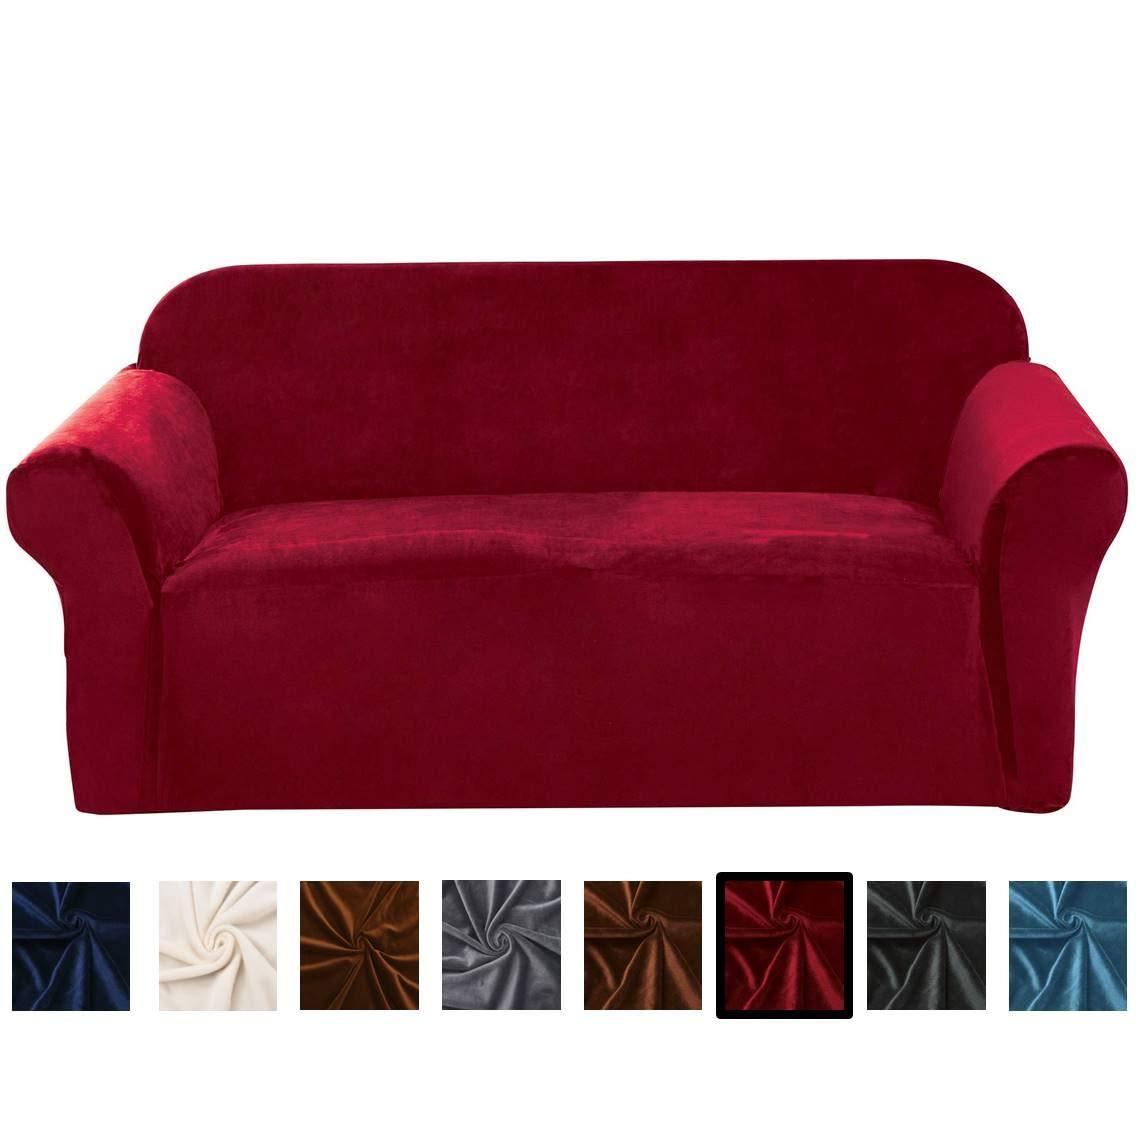 Argstar Velvet Plush Loveseat Furniture Cover, Sofa Slipcover,Love seat Covers for Living Room, Wine Red by Argstar